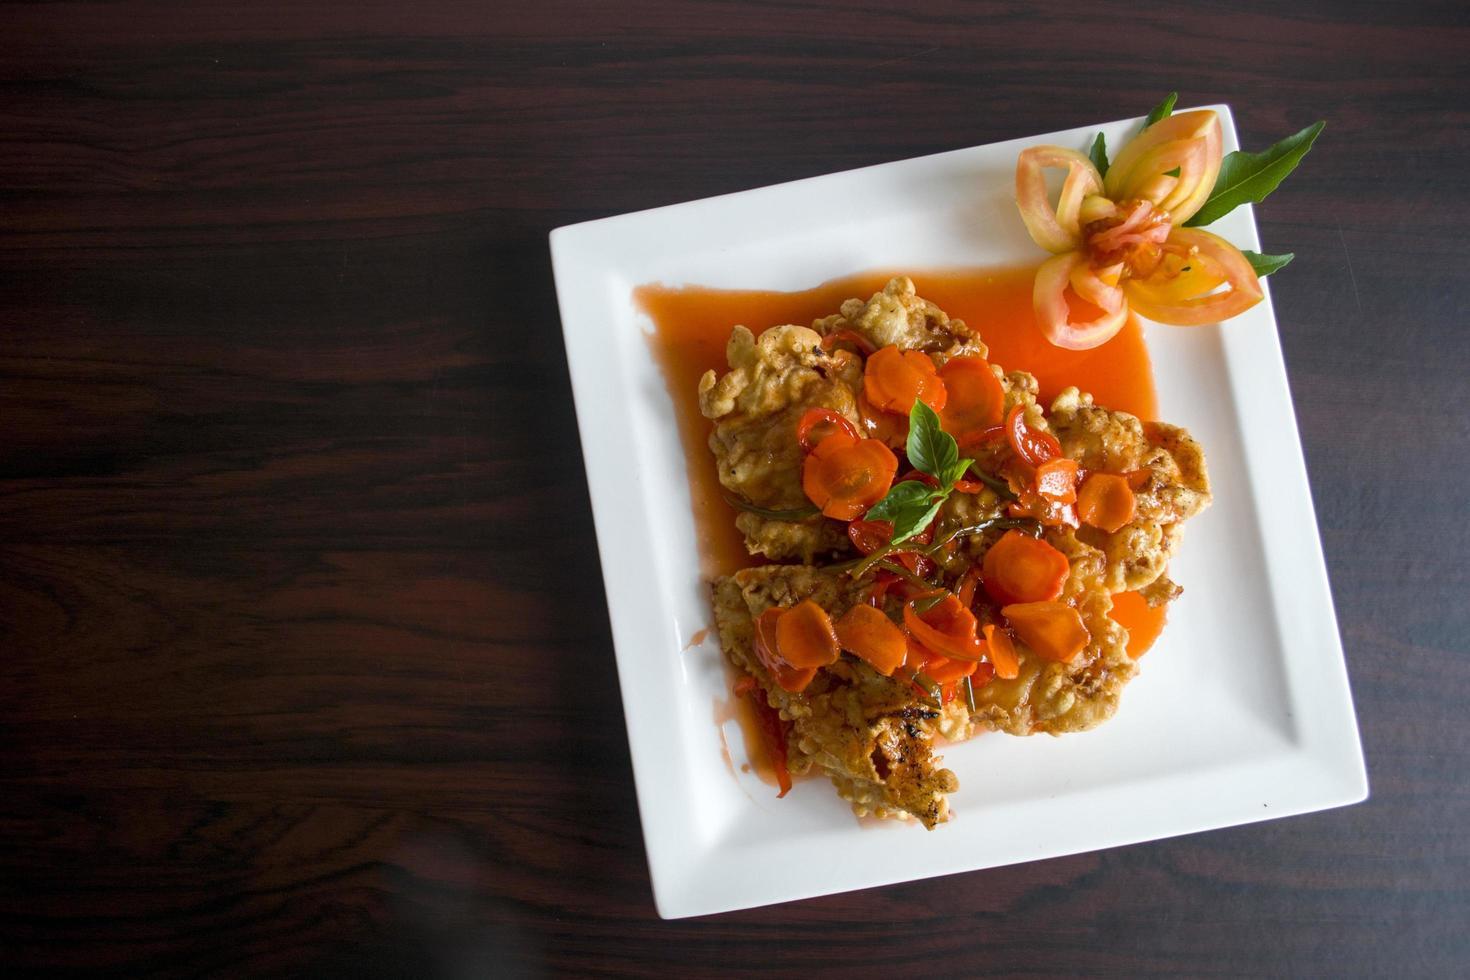 plat avec sauce à l'orange photo